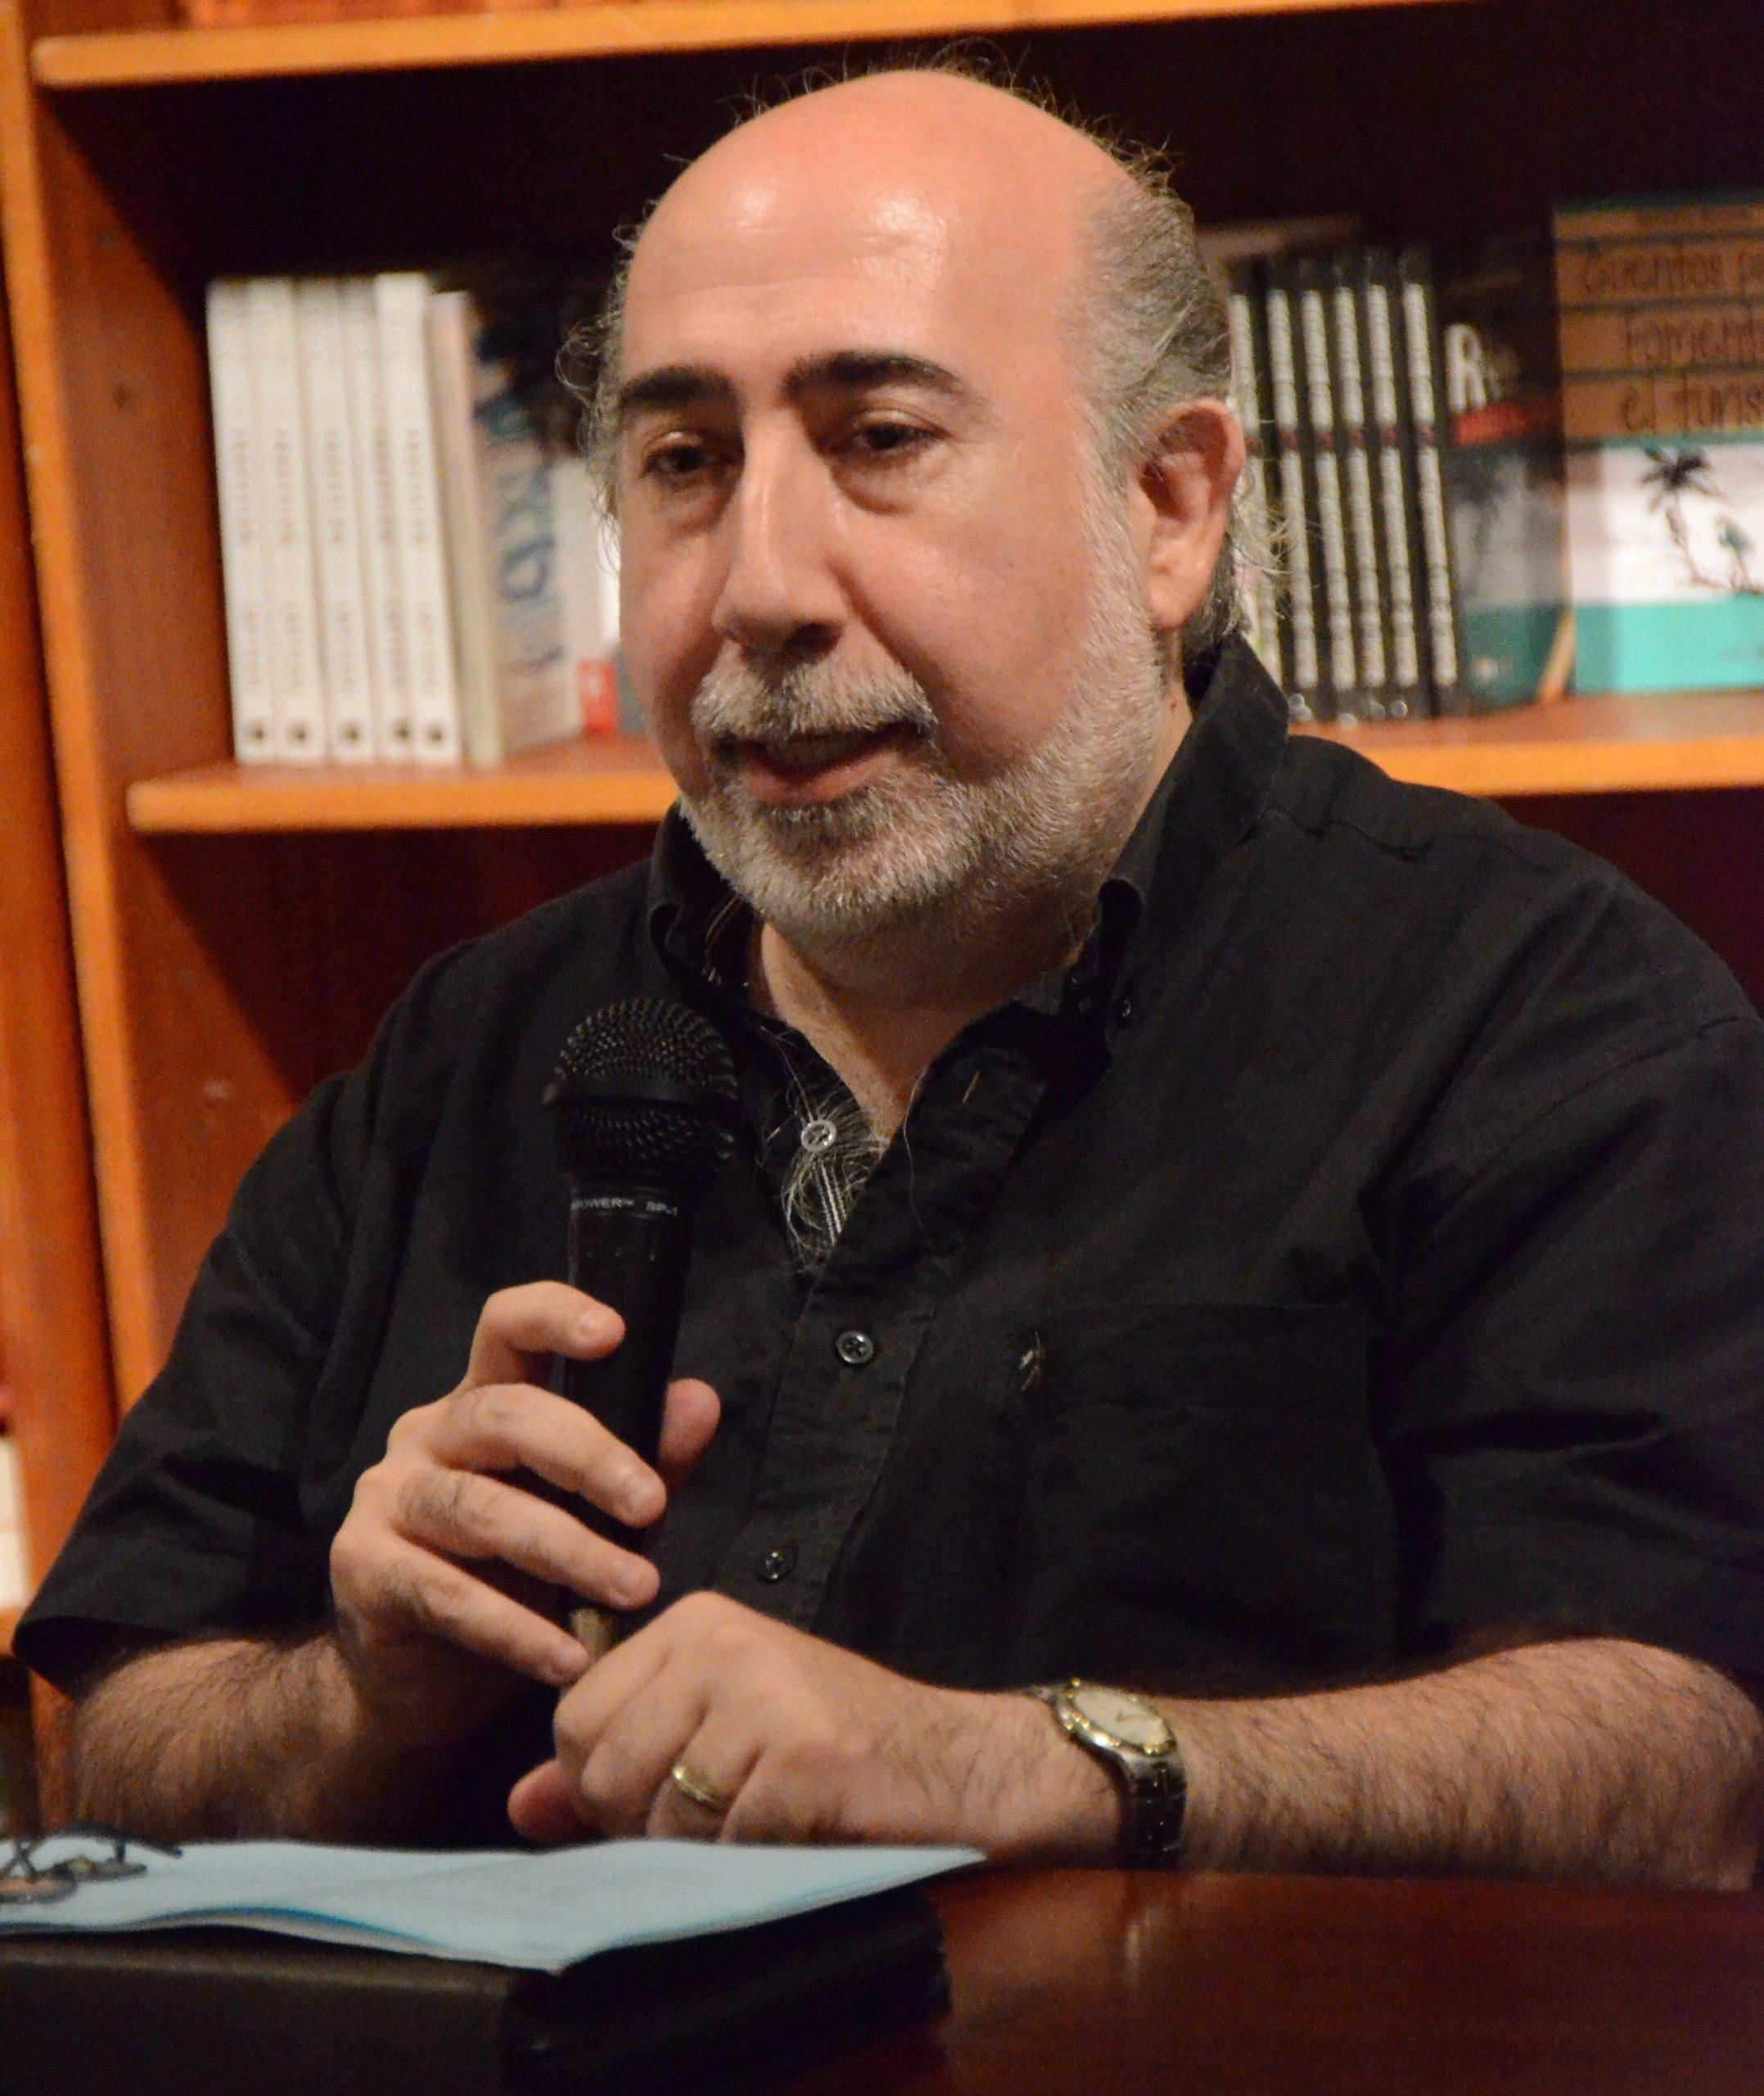 El experimentado técnico Néstor Salomón realizó la primera etapa de este importante proyecto de digitalización sonora. (Foto ICP)